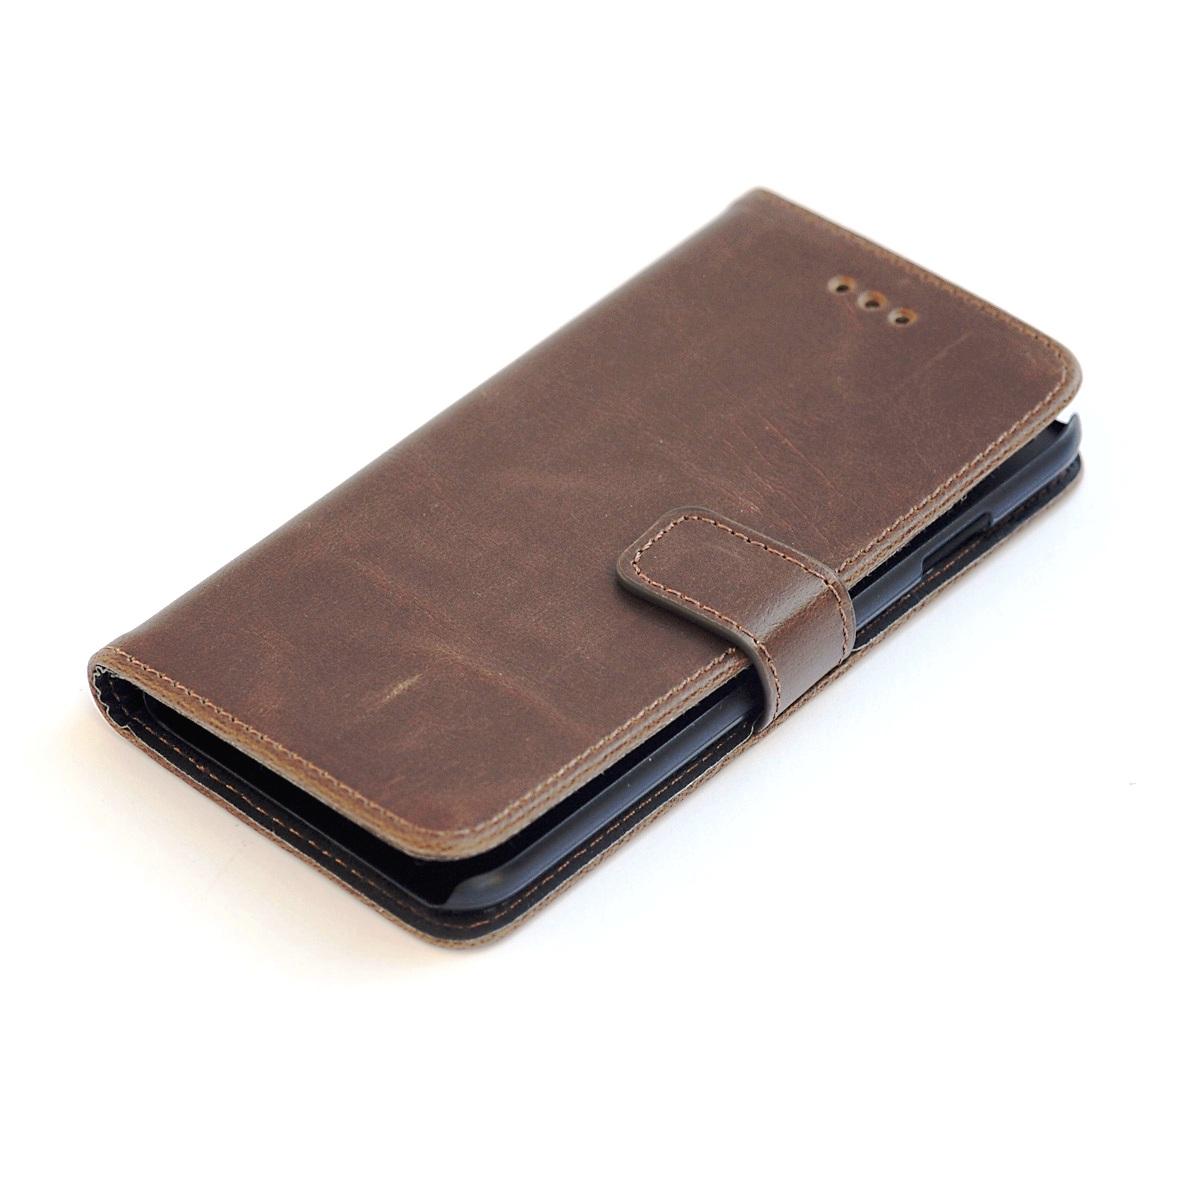 iPhone 7 PLUS kortholder læderpung brun 2